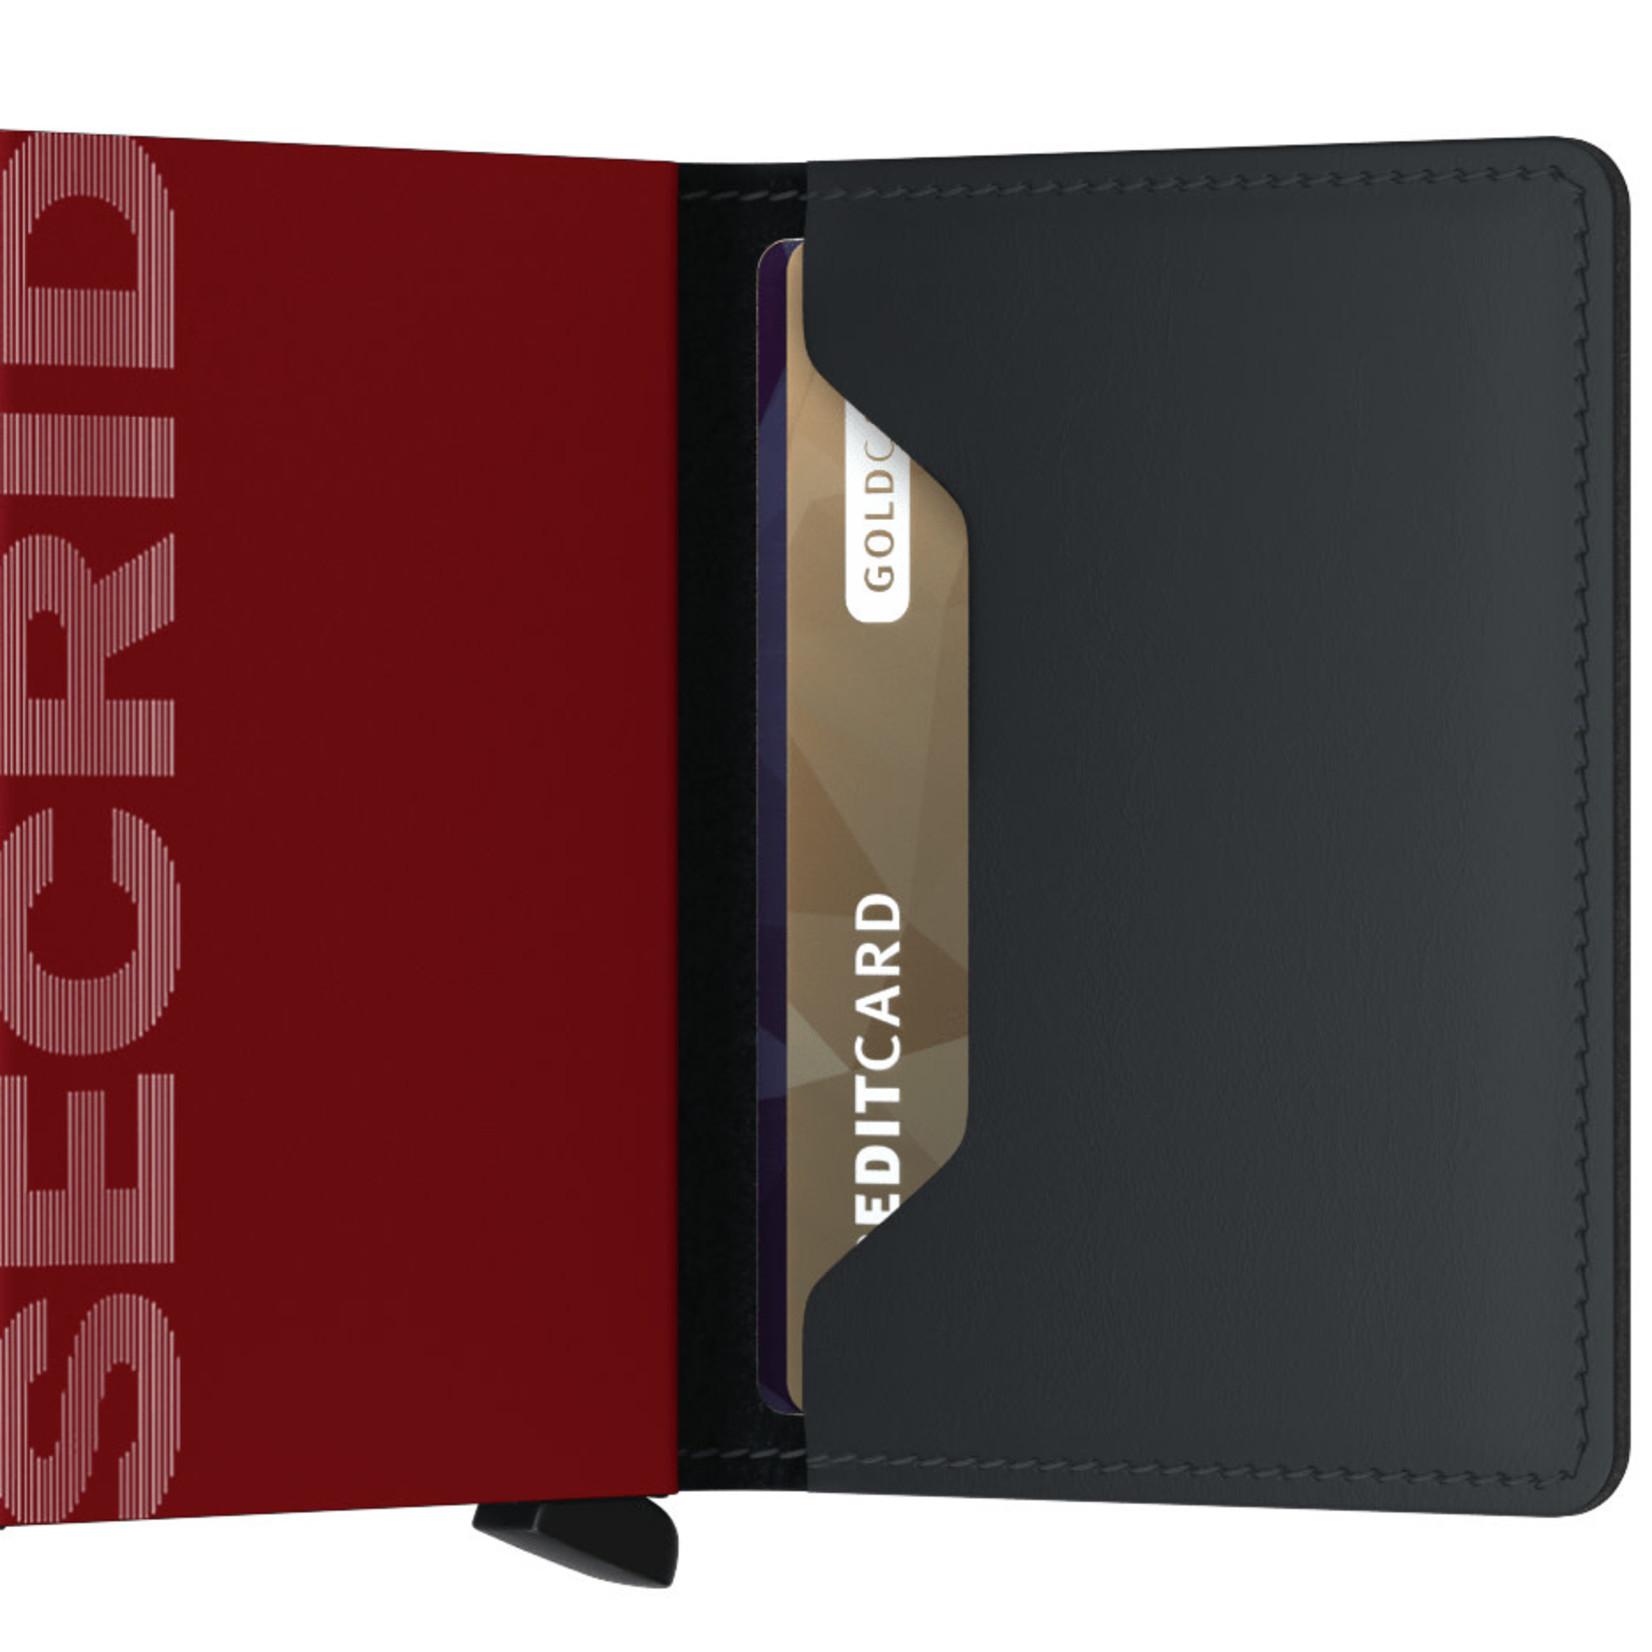 SECRID Secrid Slim Matte Black & Red